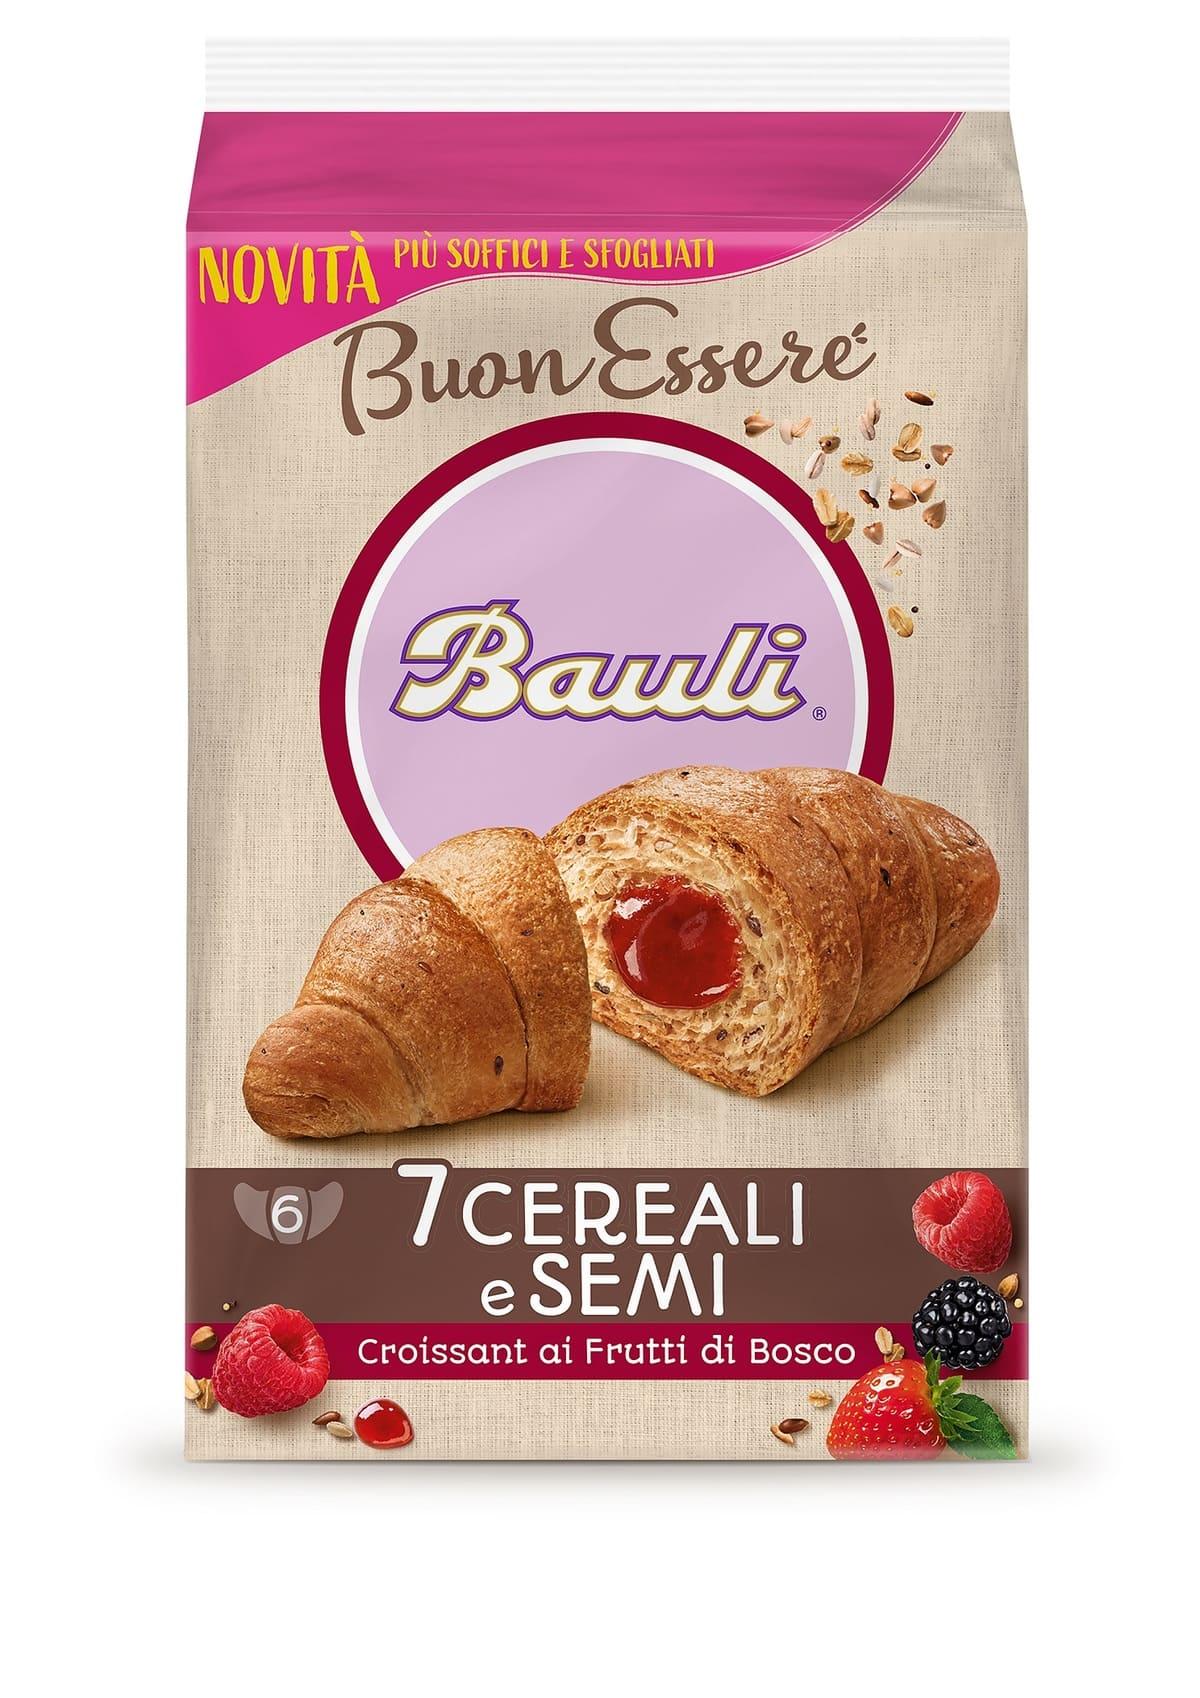 Croissant Bauli BuonEssere 7 Cereali e Semi FRUTTI DI BOSCO_